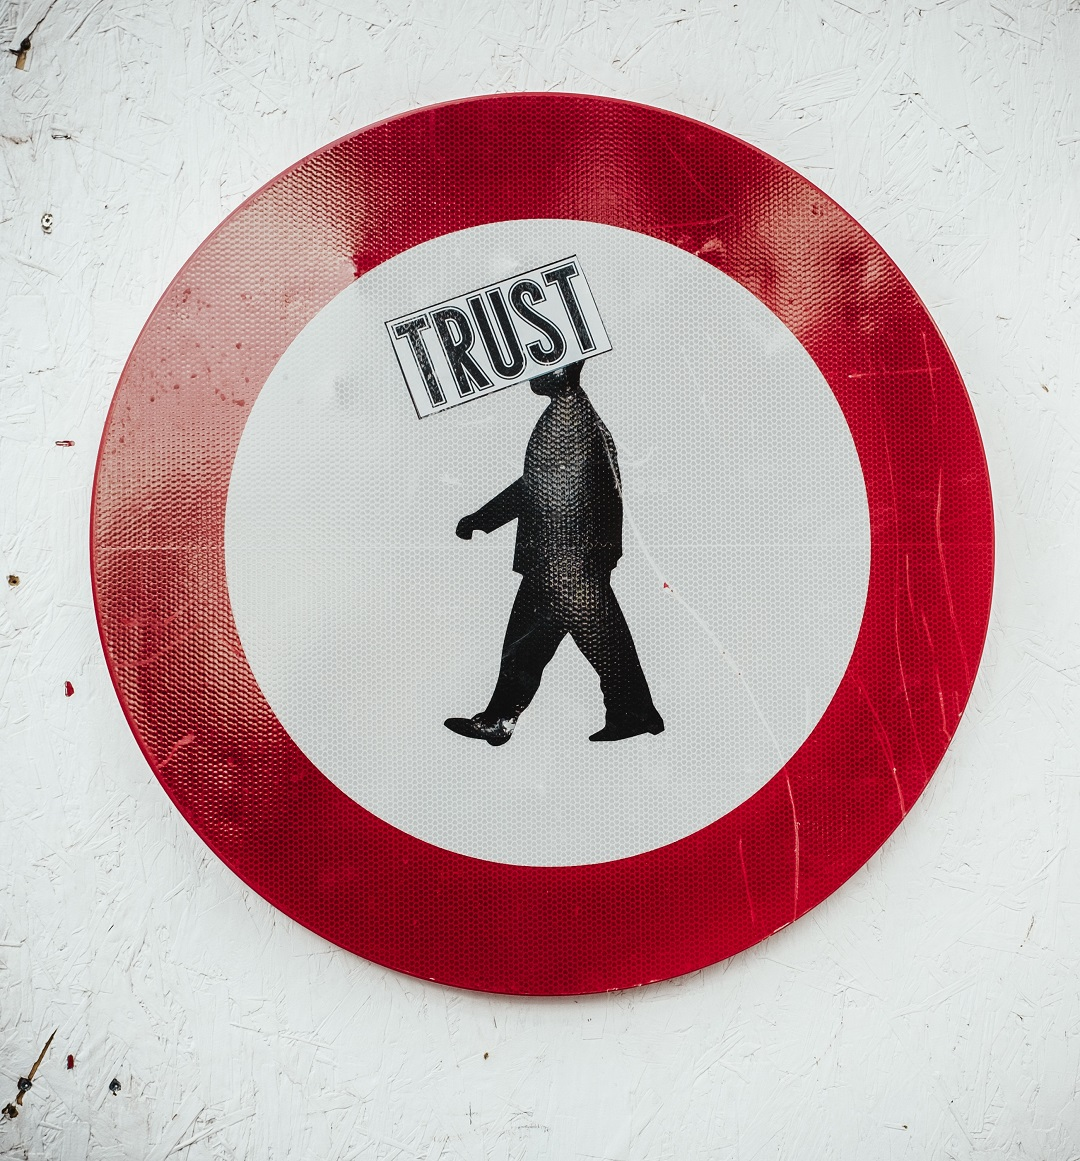 Miért nem tudok bízni benned…?